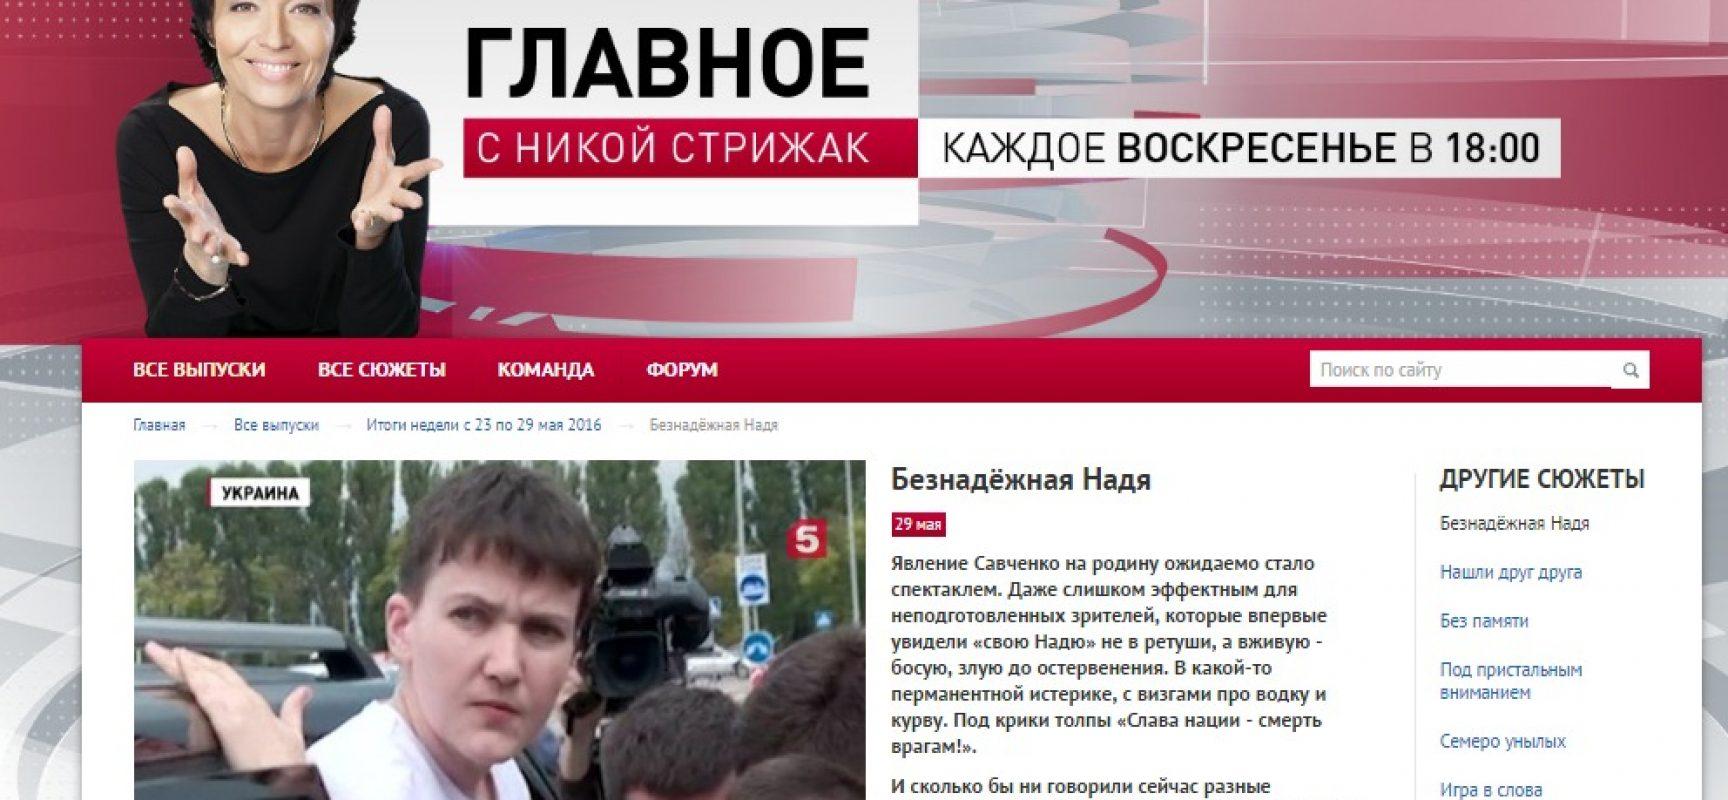 """Il canale russo """"Piaty canal"""" ha mentito circa la riconsegna di Aleksandrov e Yerofeyev"""